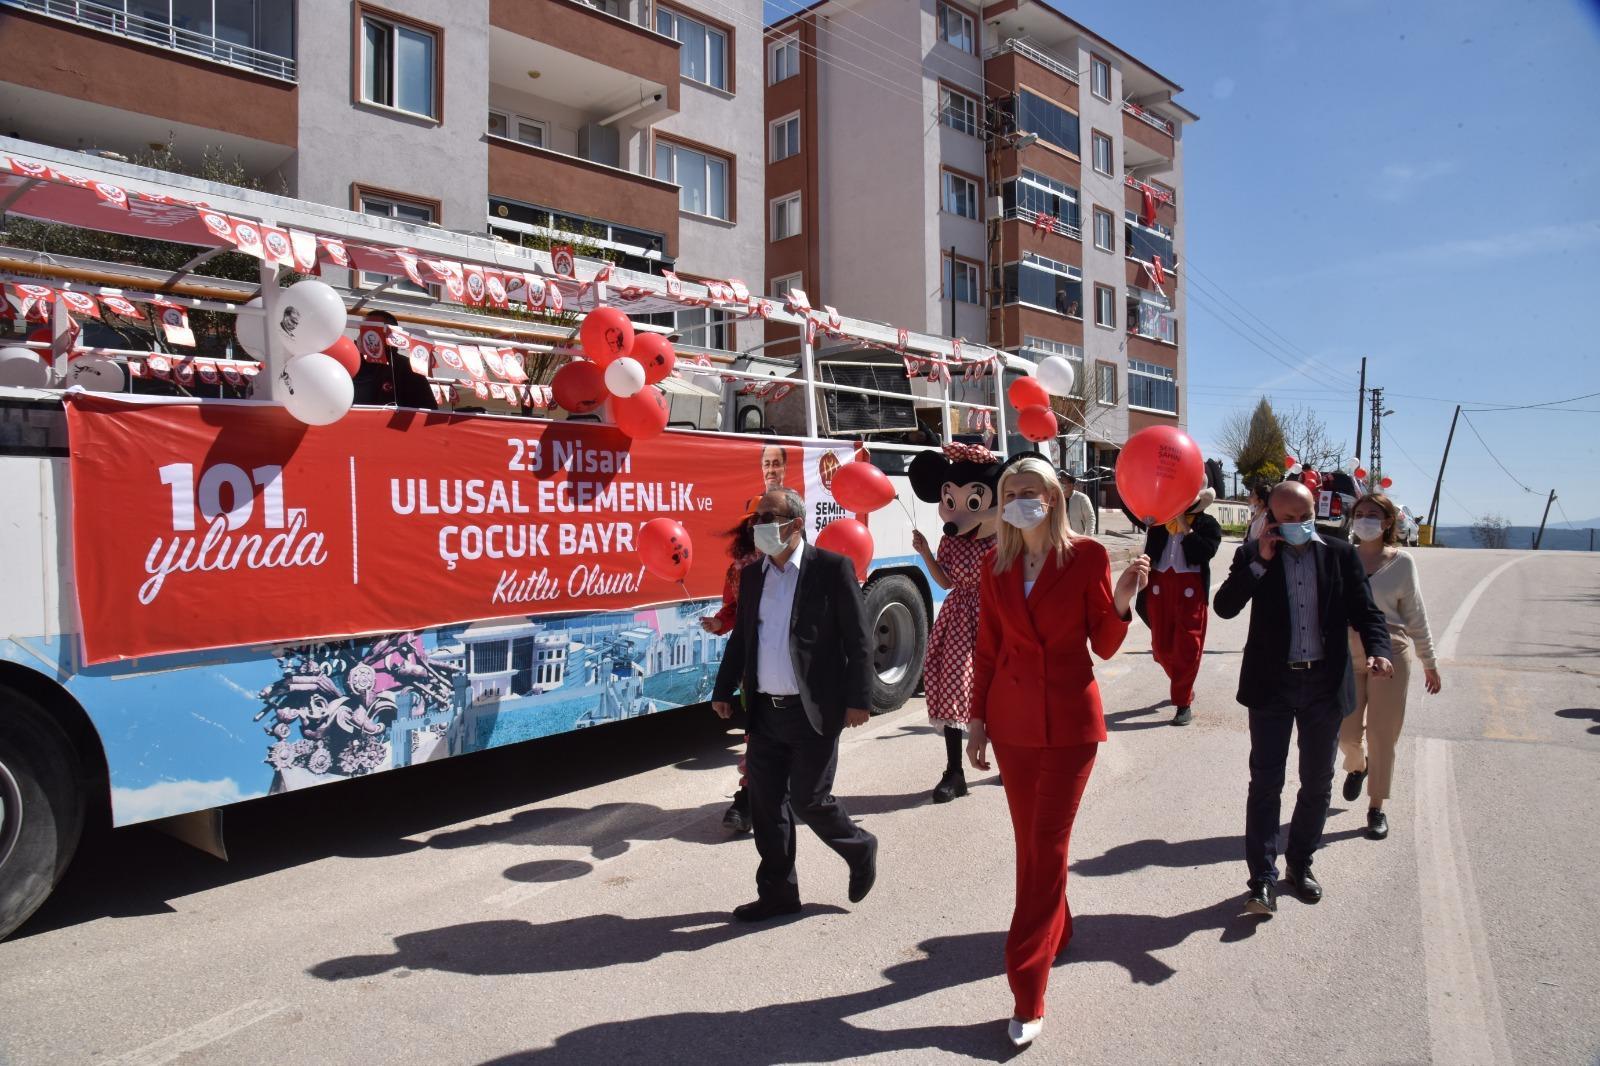 Bilecik Belediyesi tarafından 23 Nisan Ulusal Egemenlik ve Çocuk Bayramı dolayısıyla üstü açık otobüste cadde ve sokaklar gezilerek, çocukların bayram coşkusu paylaşıldı